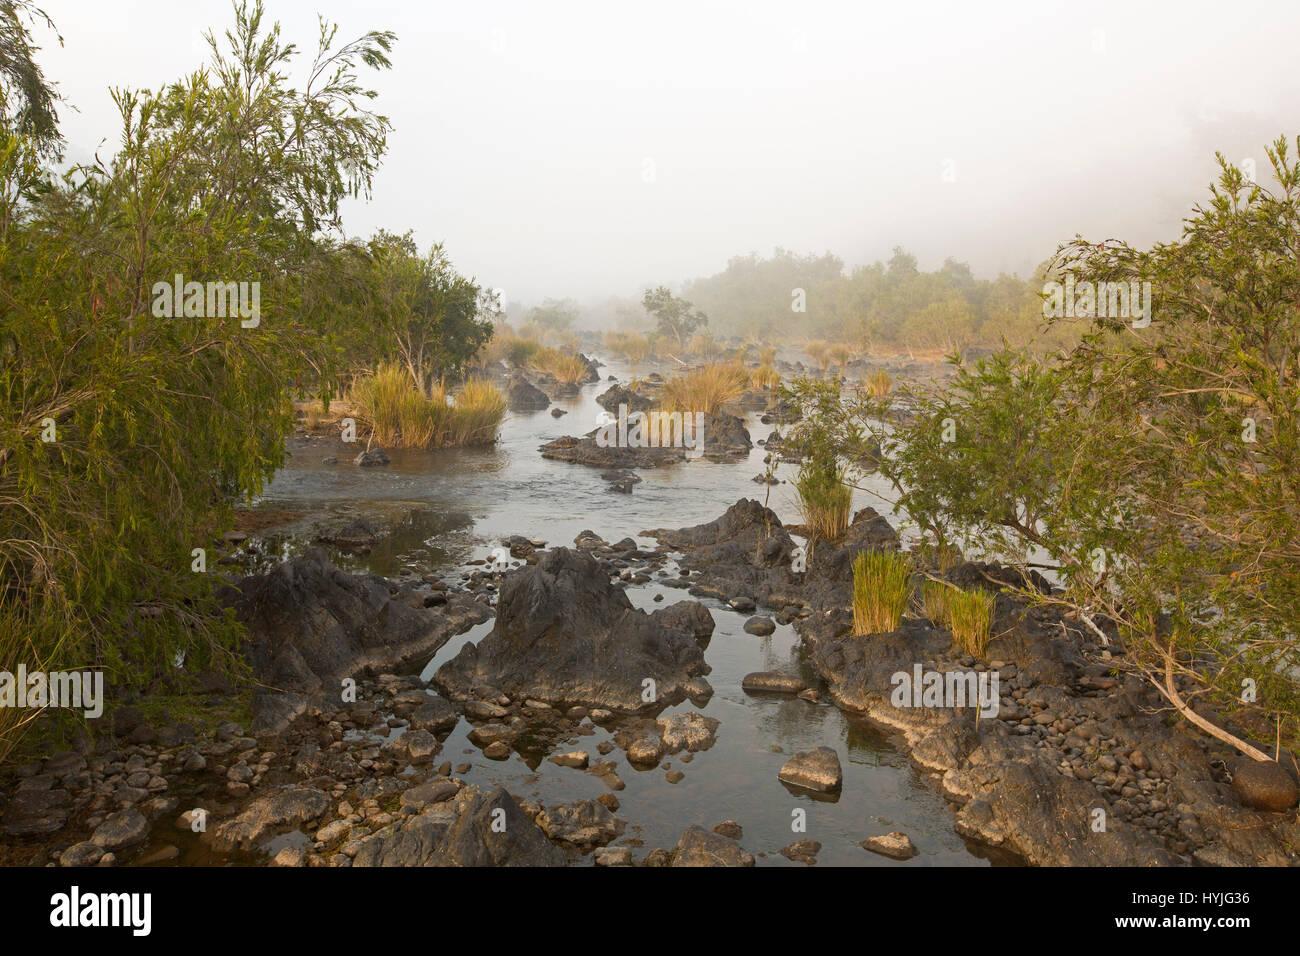 Sorgenti del fiume Clarence con acqua e rocce orlate da golden erbe e alberi su foschia mattutina a Coombadja, NSW Immagini Stock